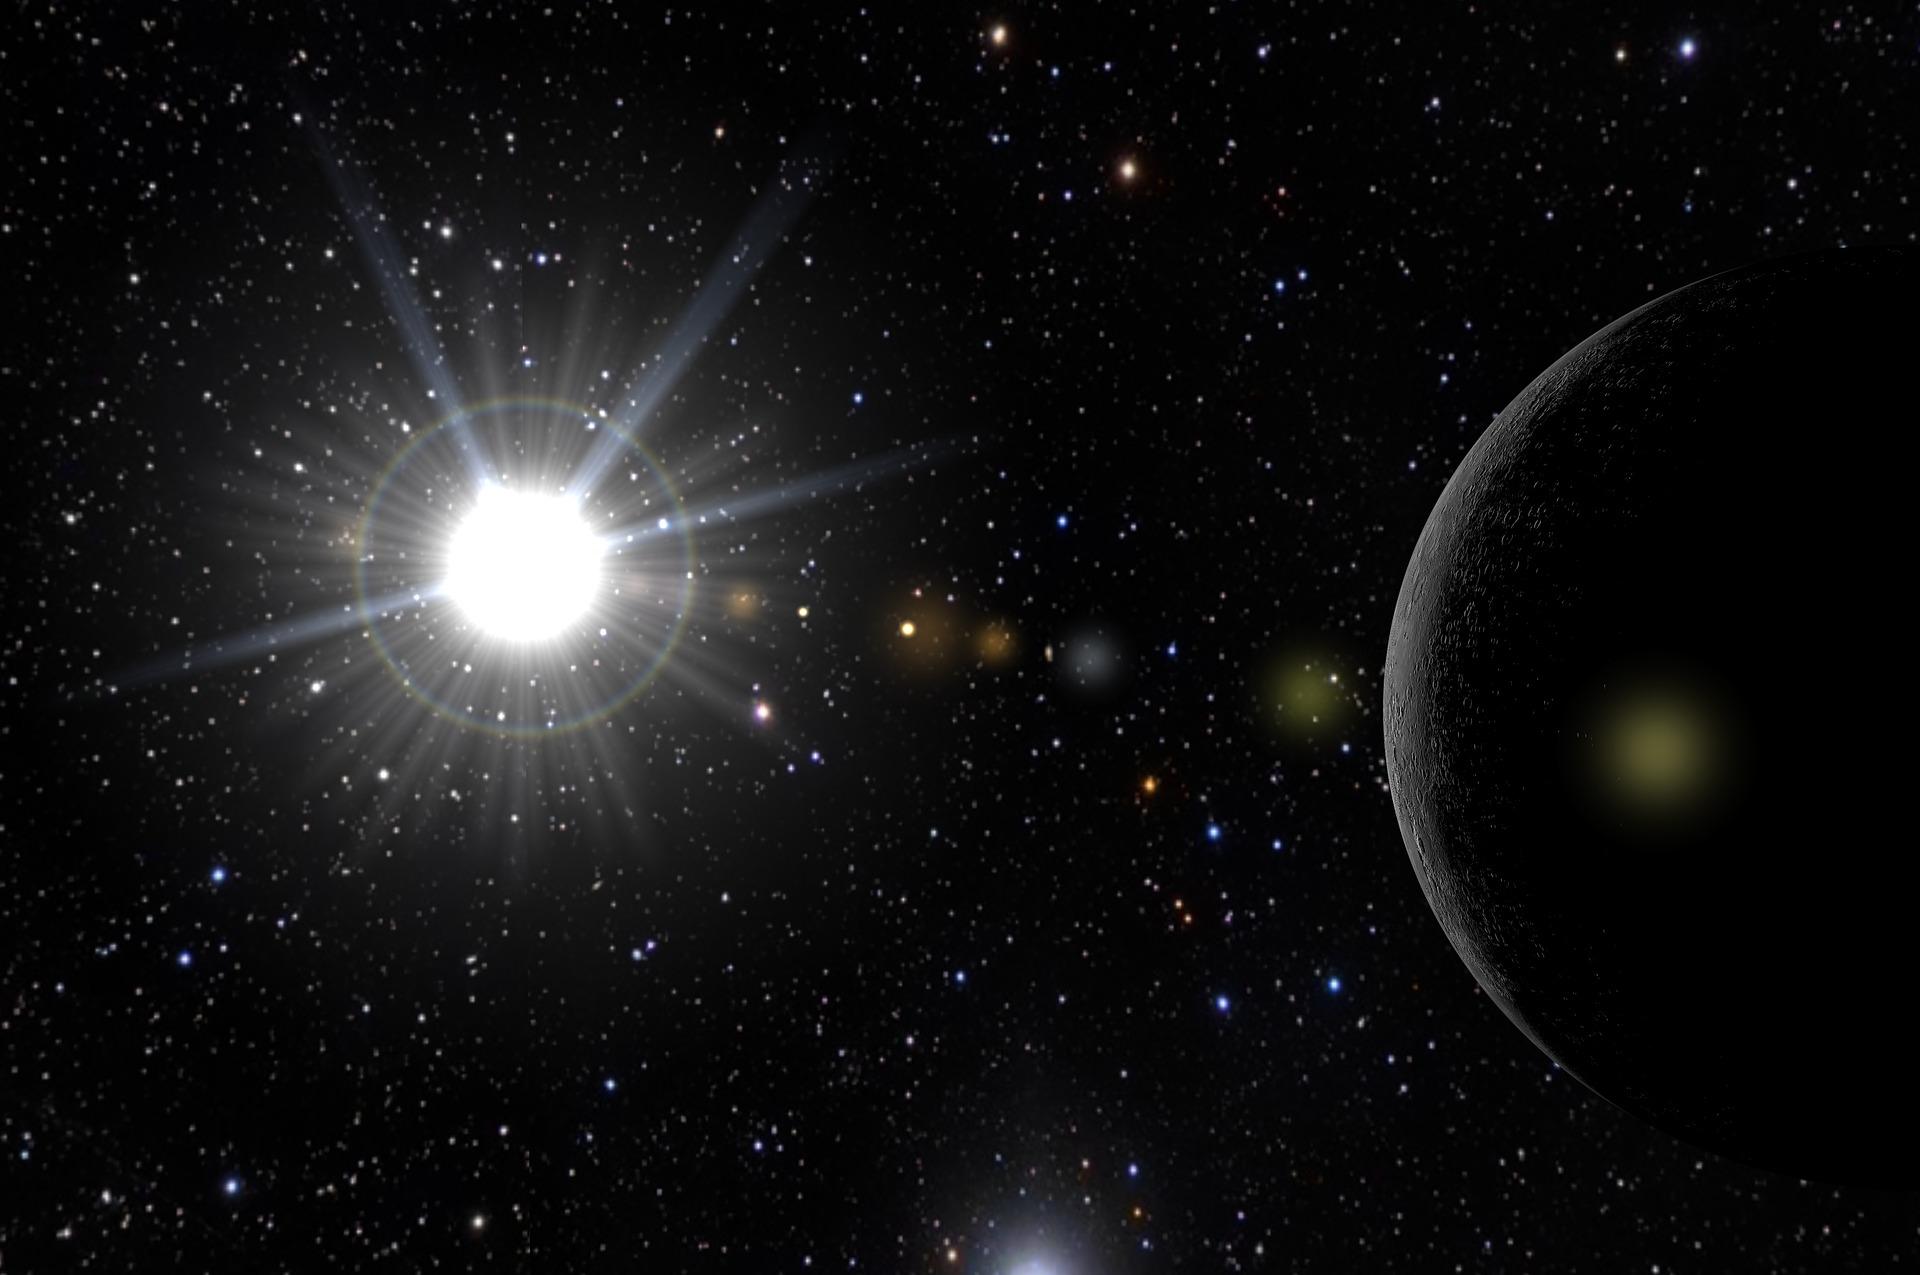 Primeira missão europeia a Mercúrio é lançada com ciência e tecnologia portuguesas